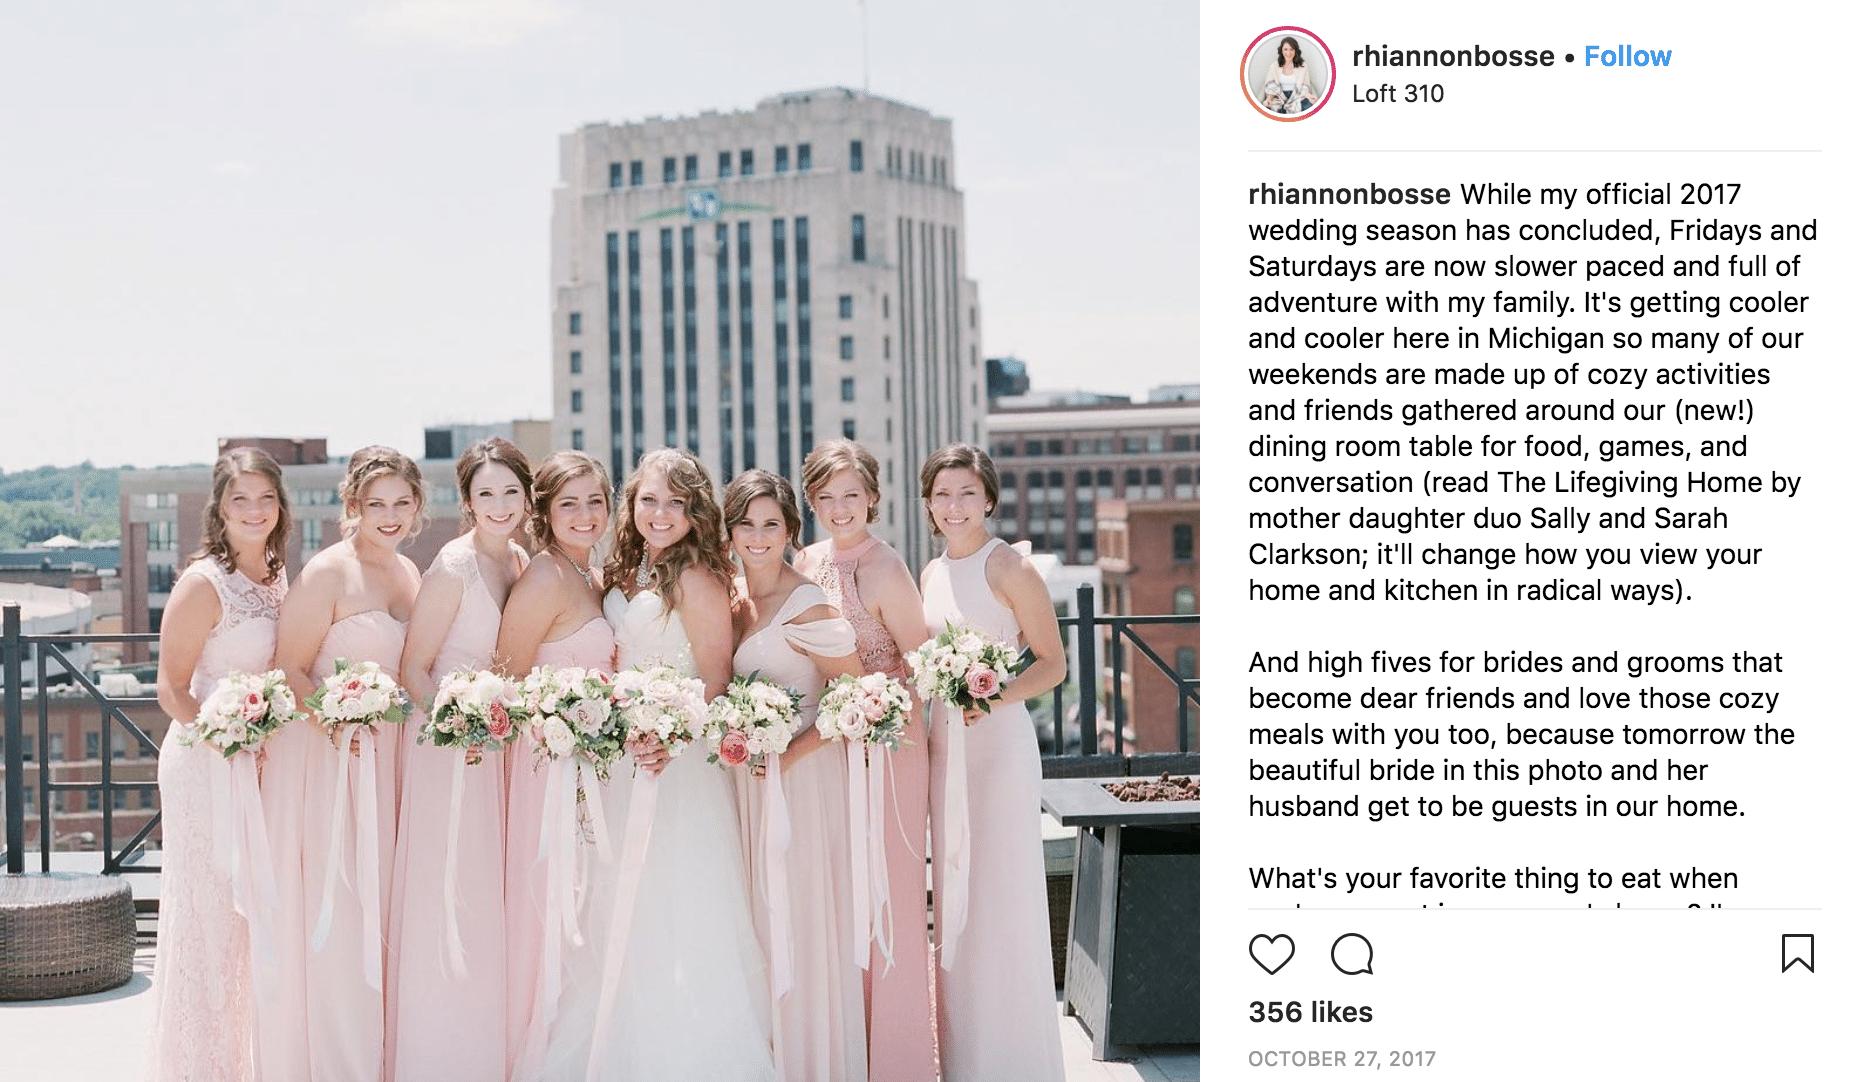 Instagram accounts to follow-rhiannonbosse